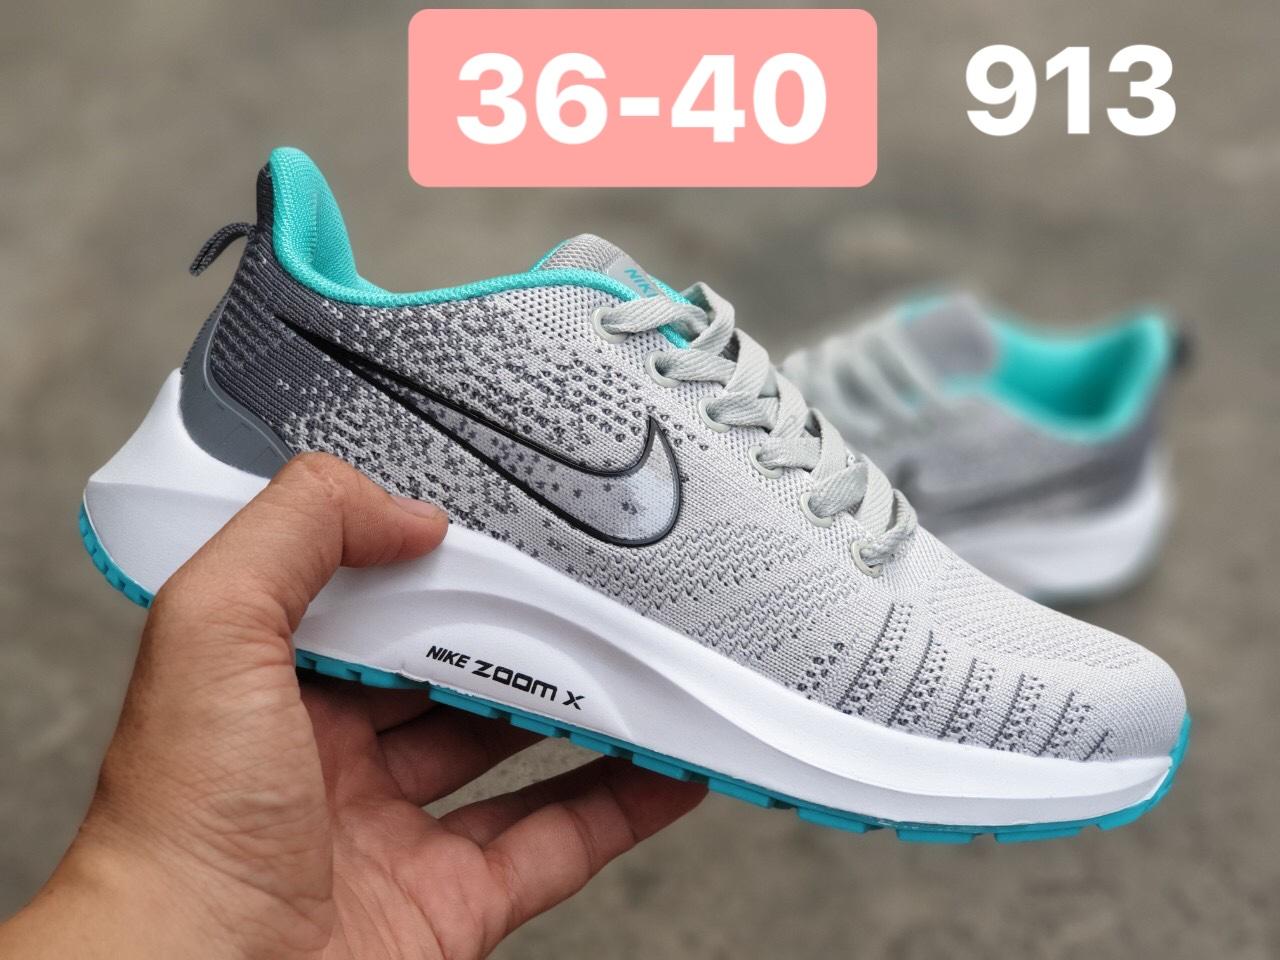 Giày Nike Zoom nữ F20 màu xám xanh